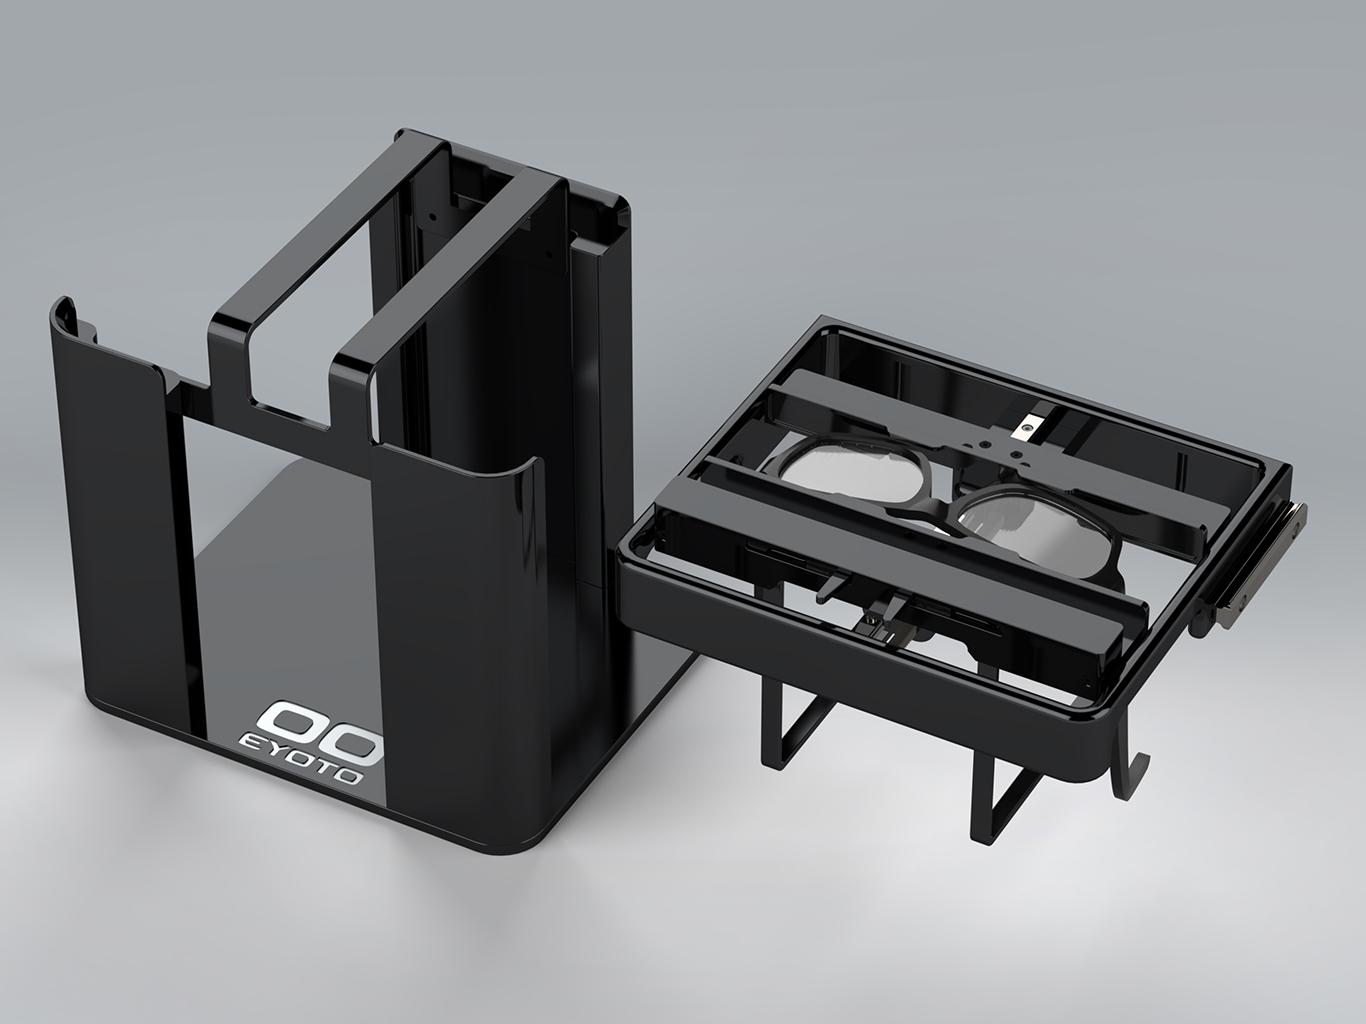 3D Stand Visualisation render rendering visualisation visualize solidworks product design product branding digital design branding brand 3d art 3d